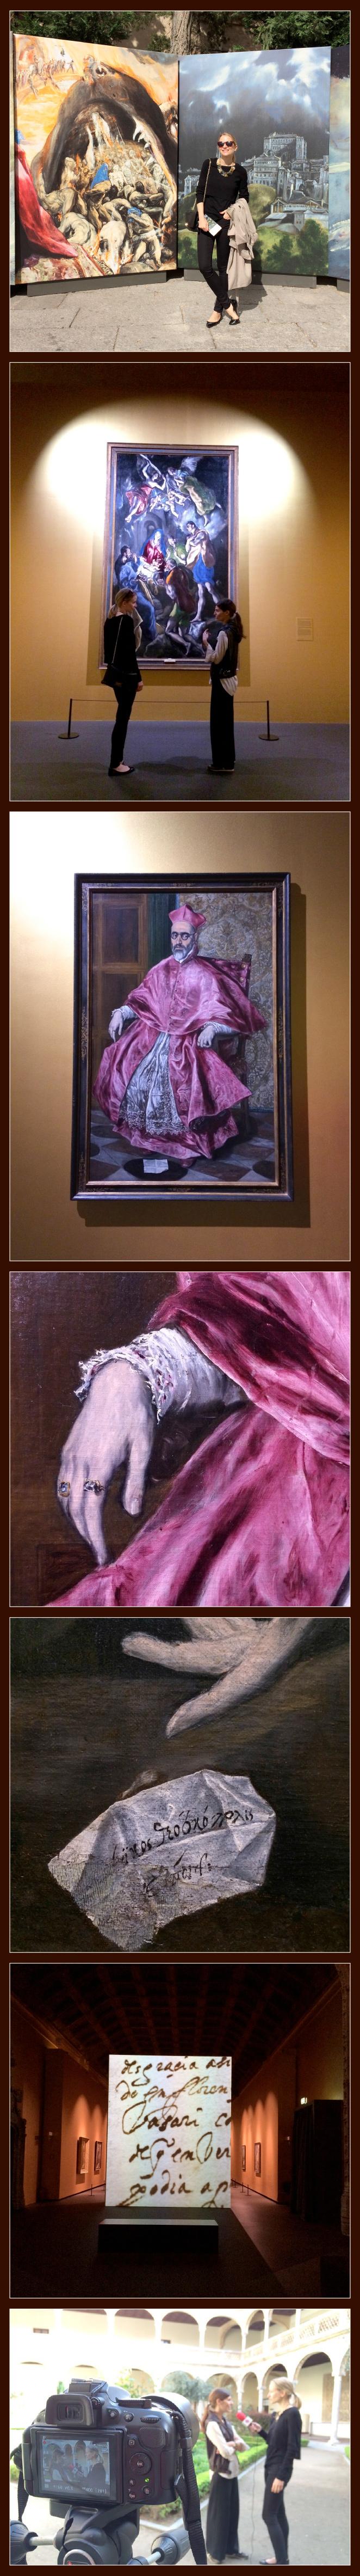 María León entre obras de El Greco